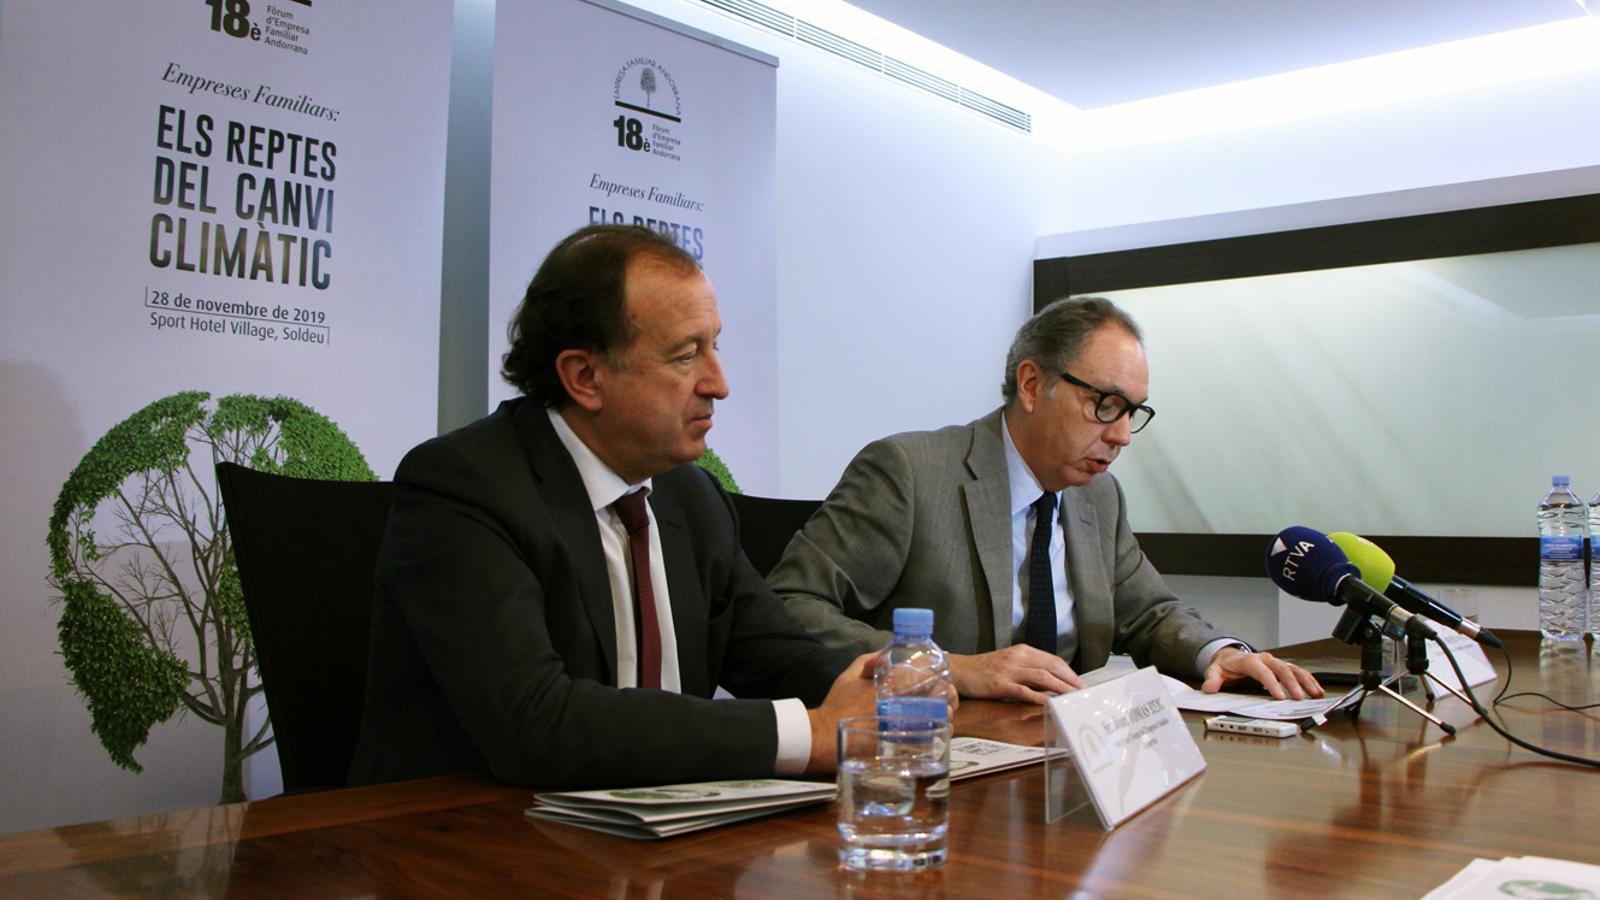 El president i el secretari general de l'EFA, Francesc Mora i Joan Tomàs, durant la presentació del 18è Fòrum. / M. P. (ANA)